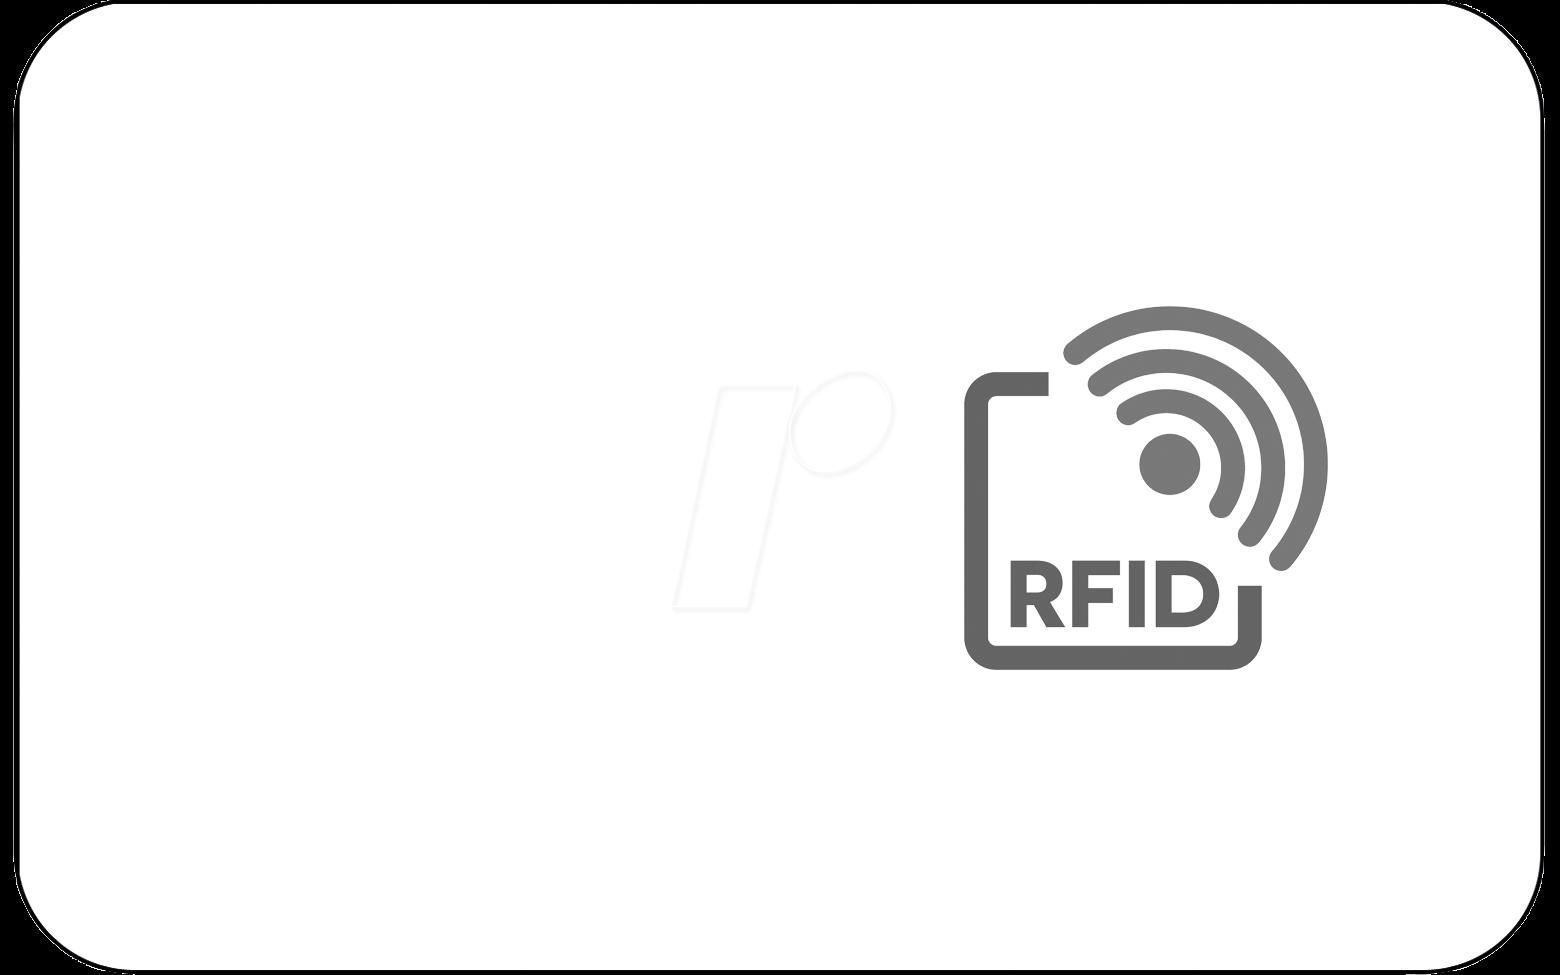 https://cdn-reichelt.de/bilder/web/xxl_ws/X400/RFID-TPCK.png